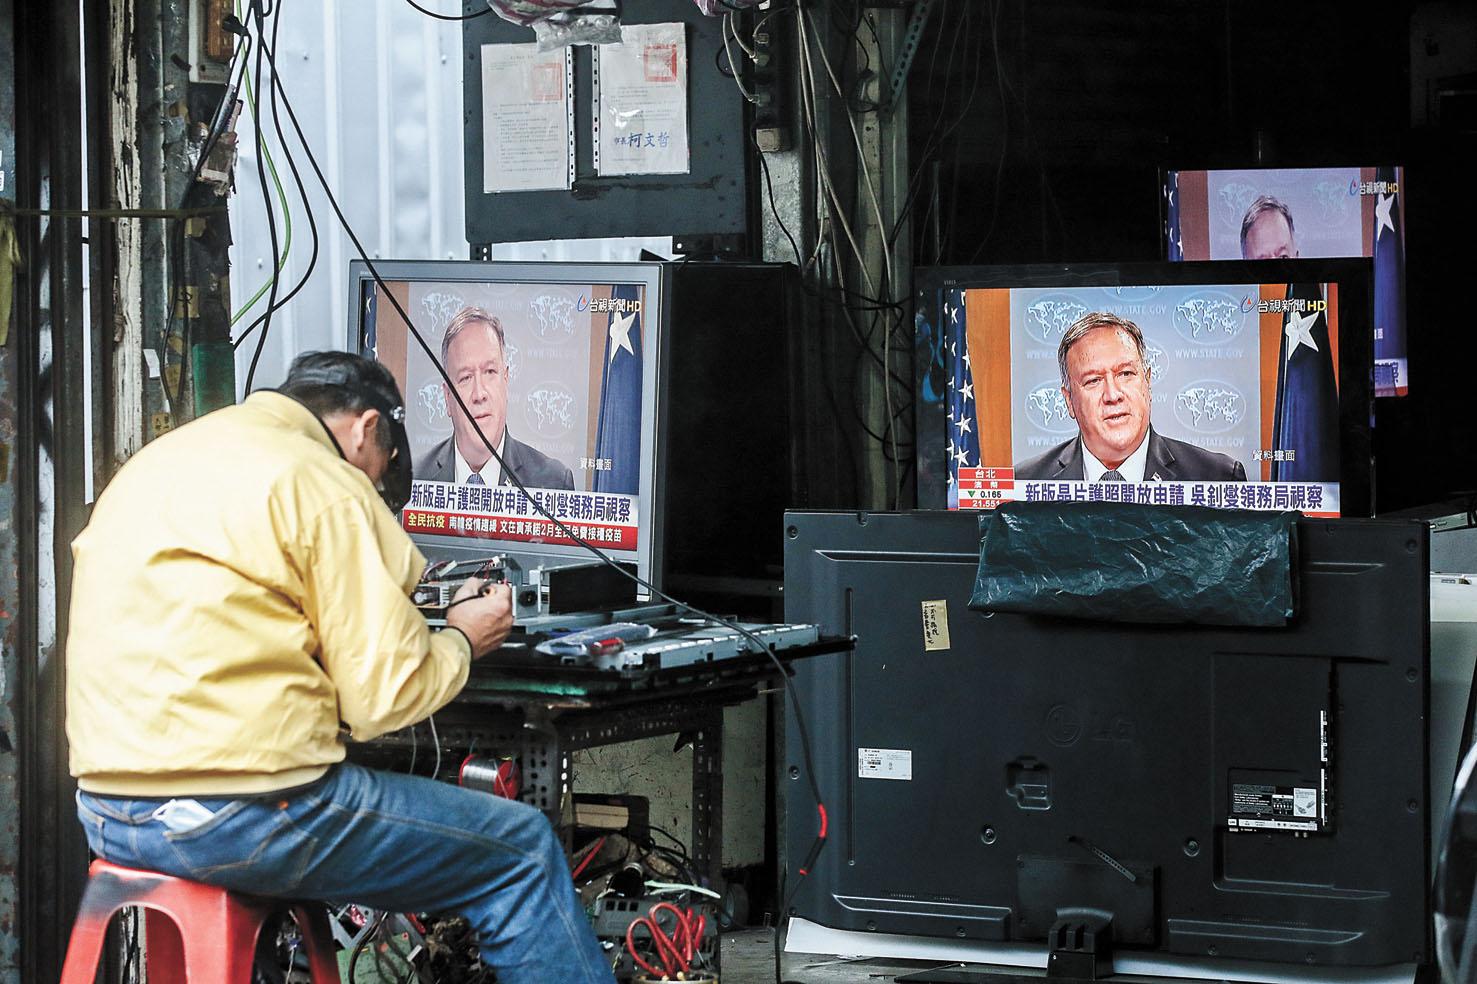 即將卸任的美國國務卿蓬佩奧動作頻頻,令中美關係再受激烈震盪。圖為在台灣台北街頭,電視正播放蓬佩奧的新聞畫面。彭博社/網上圖片